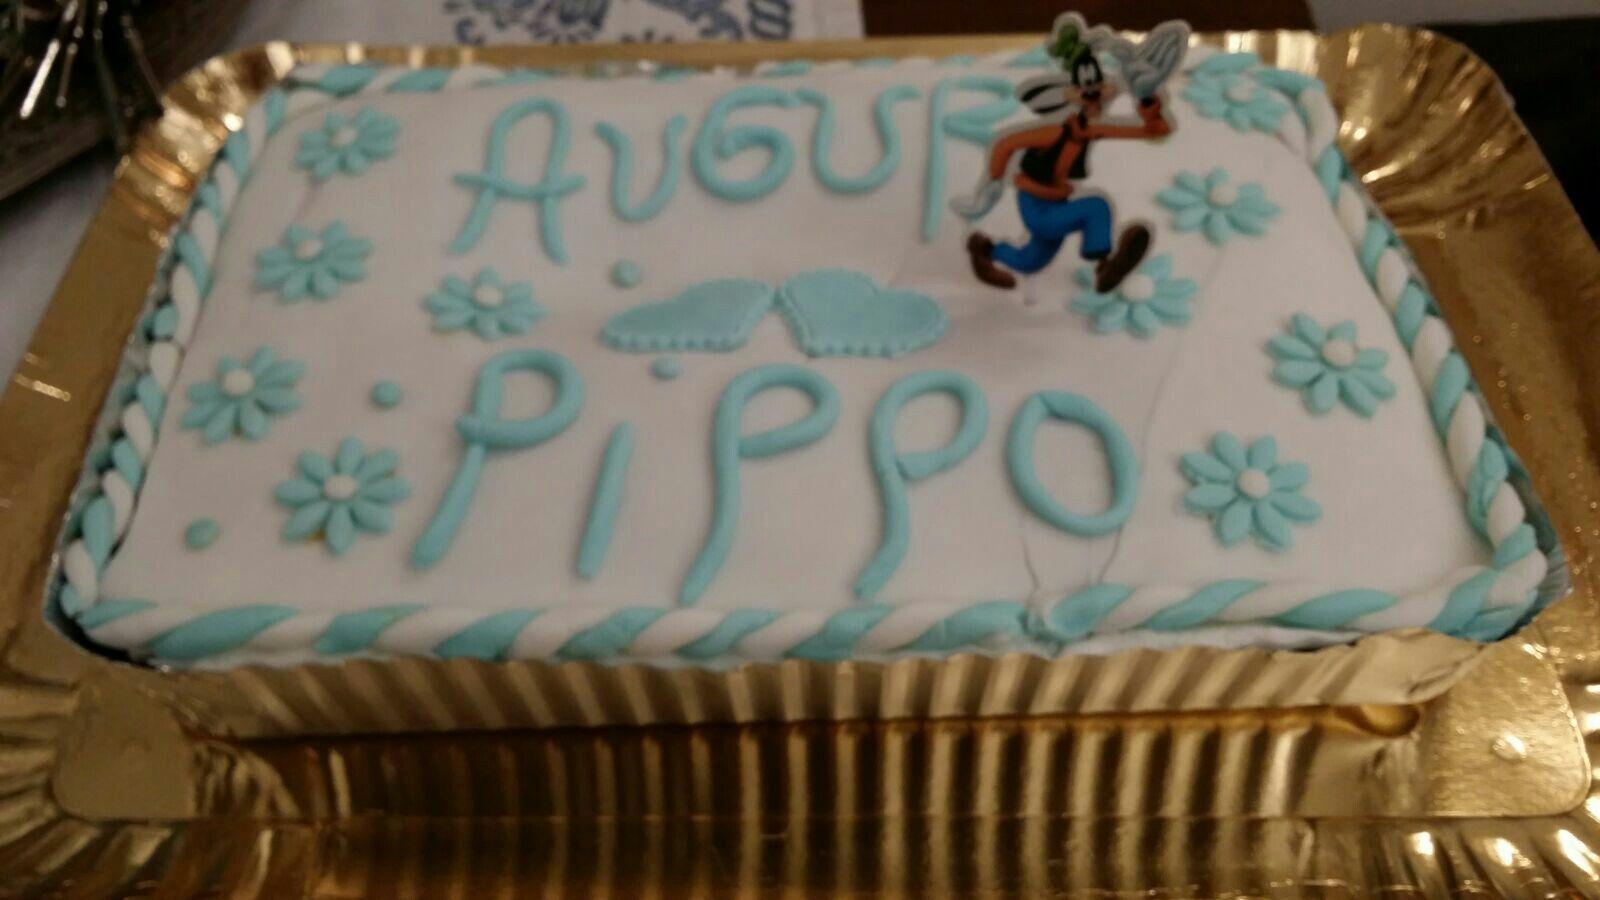 'Un simpatico Pippo per una dolce torta'